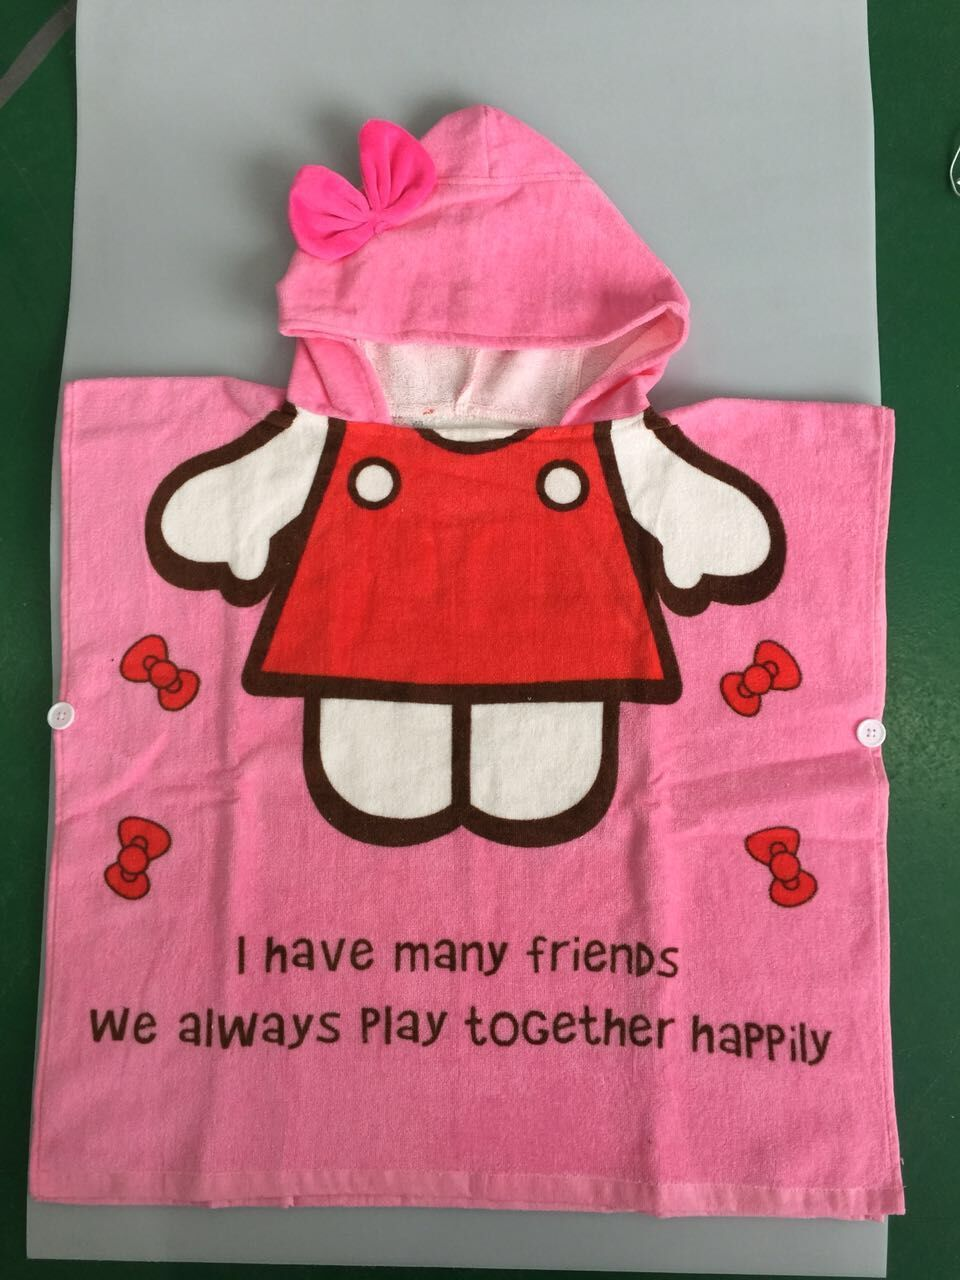 Мультяшные халаты «Алиса» для мальчиков и девочек, «Белоснежка», «динозавр», «панда», «машинка», «робот», милое детское банное полотенце, детский банный халат, пижама - Цвет: pink